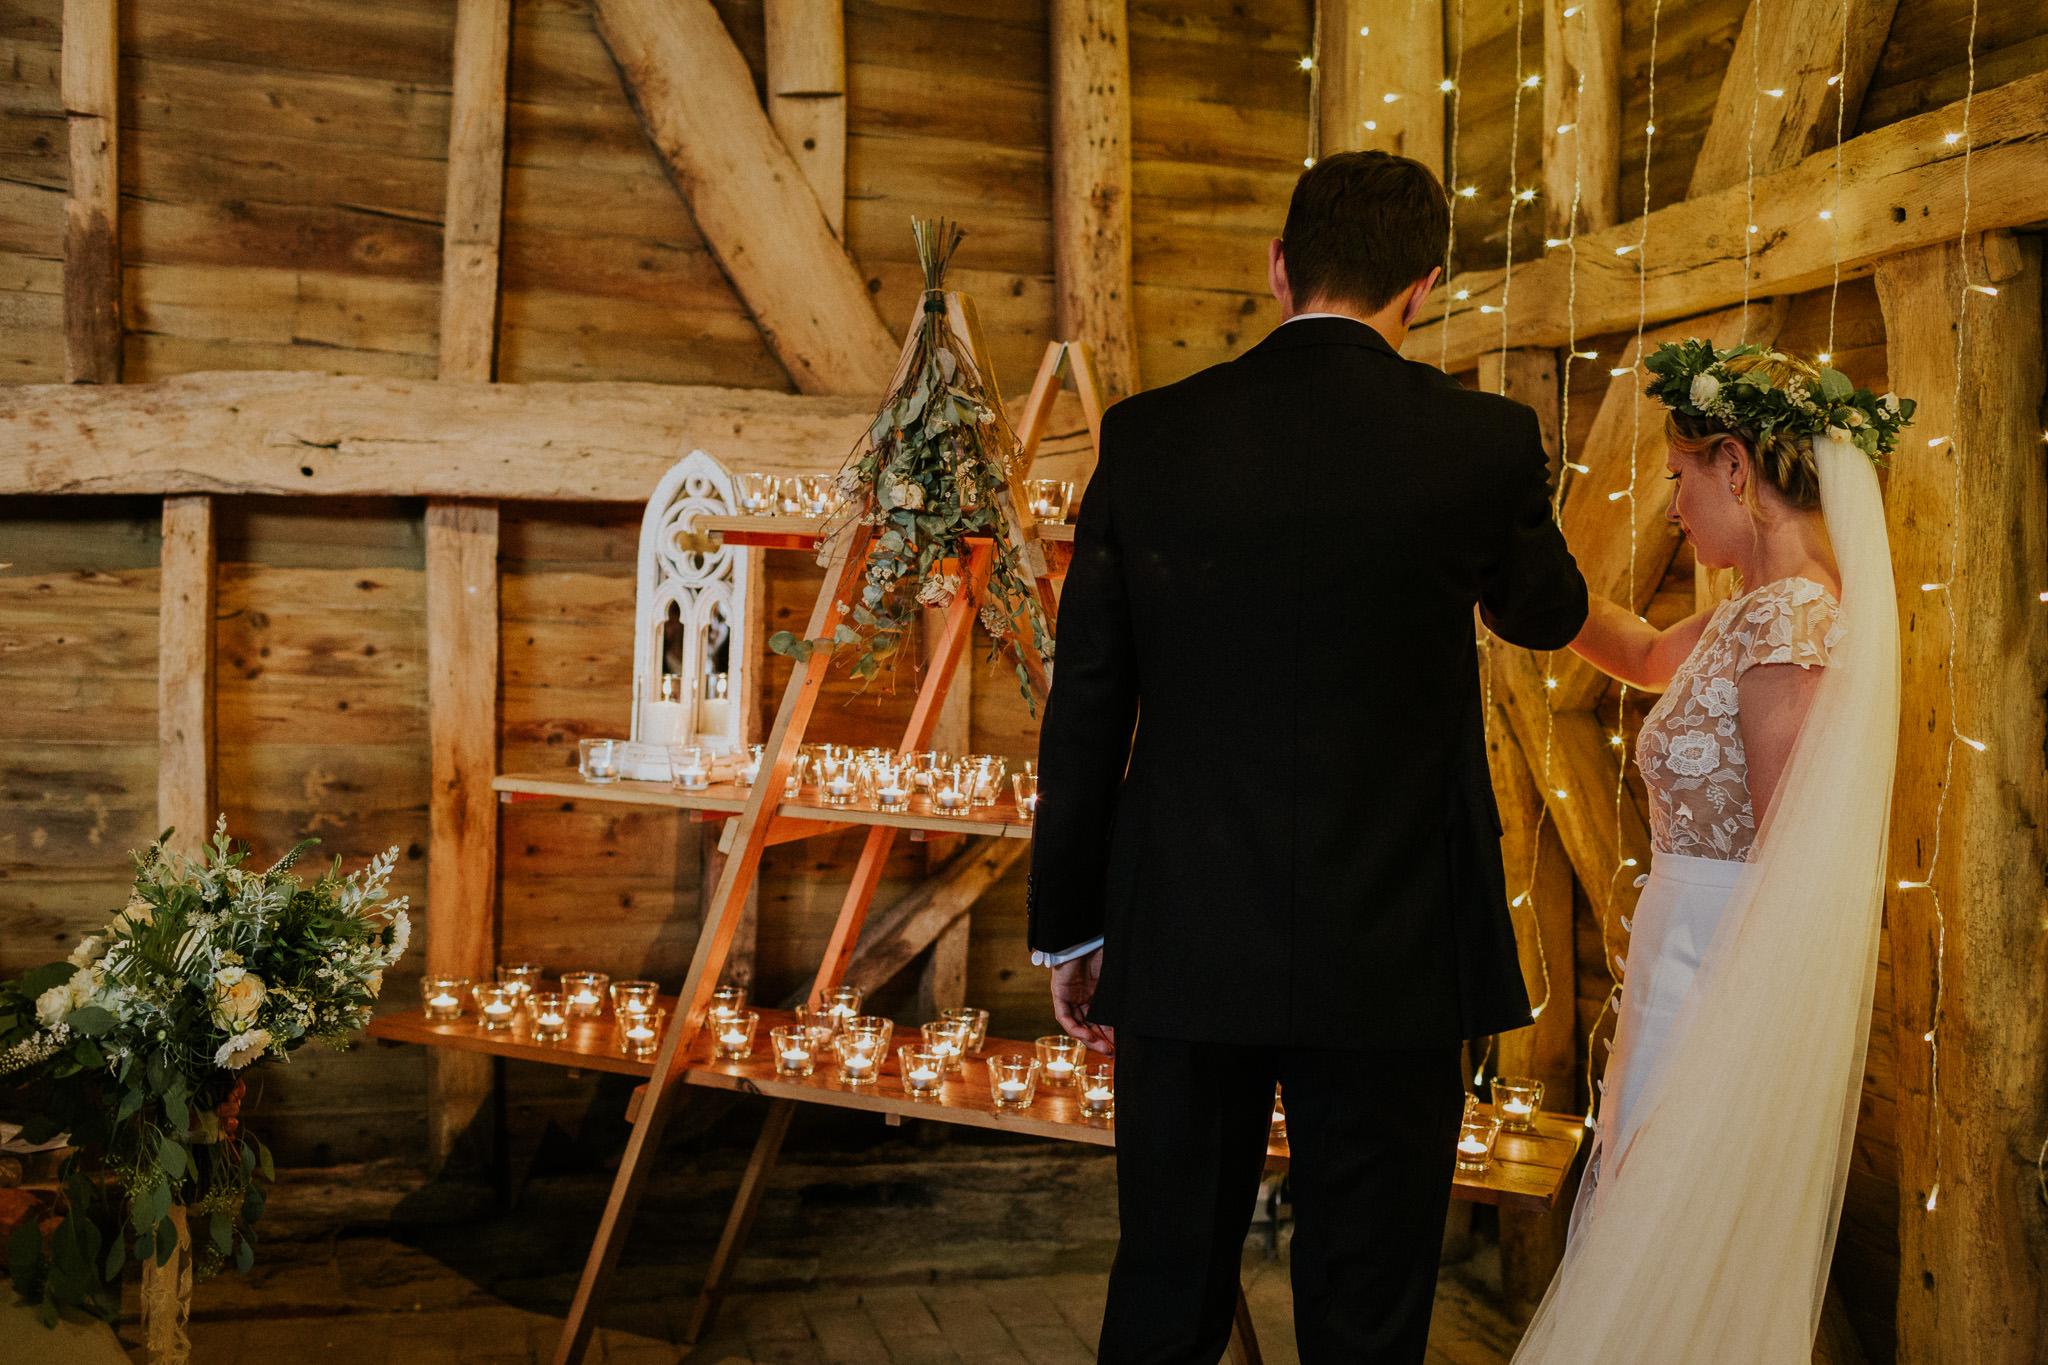 BillinghurstFarmwedding-72.jpg